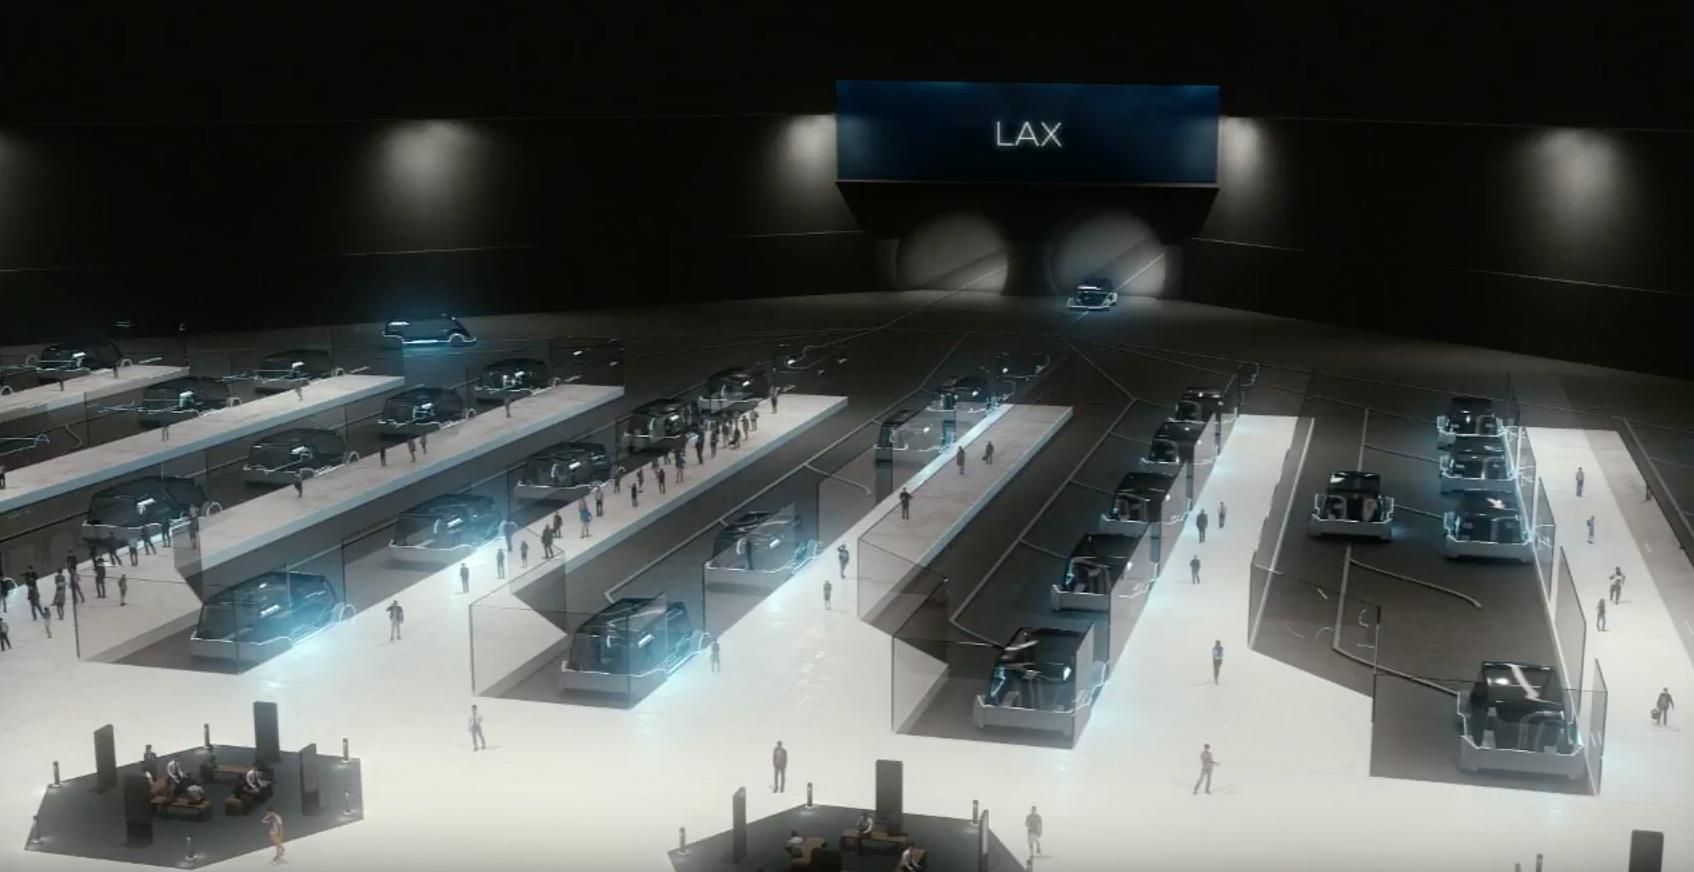 boring-company-pod-stations-lax